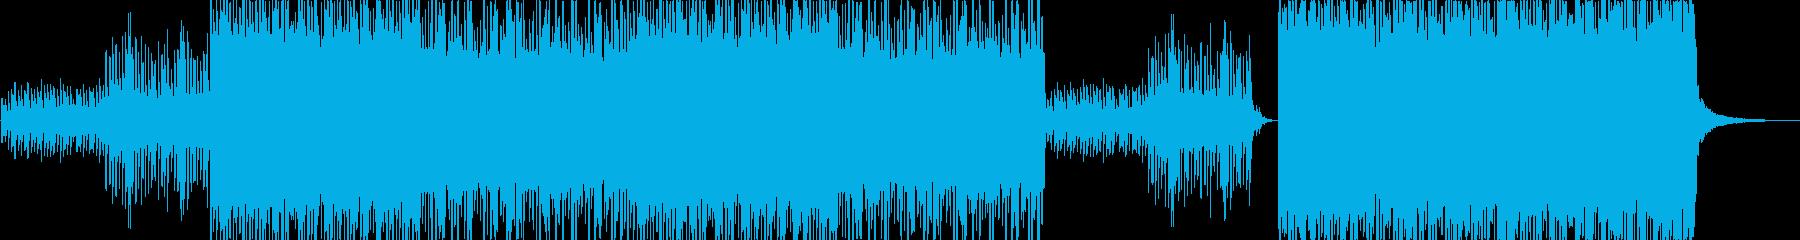 ノスタルジックなHIPHOPトラックの再生済みの波形